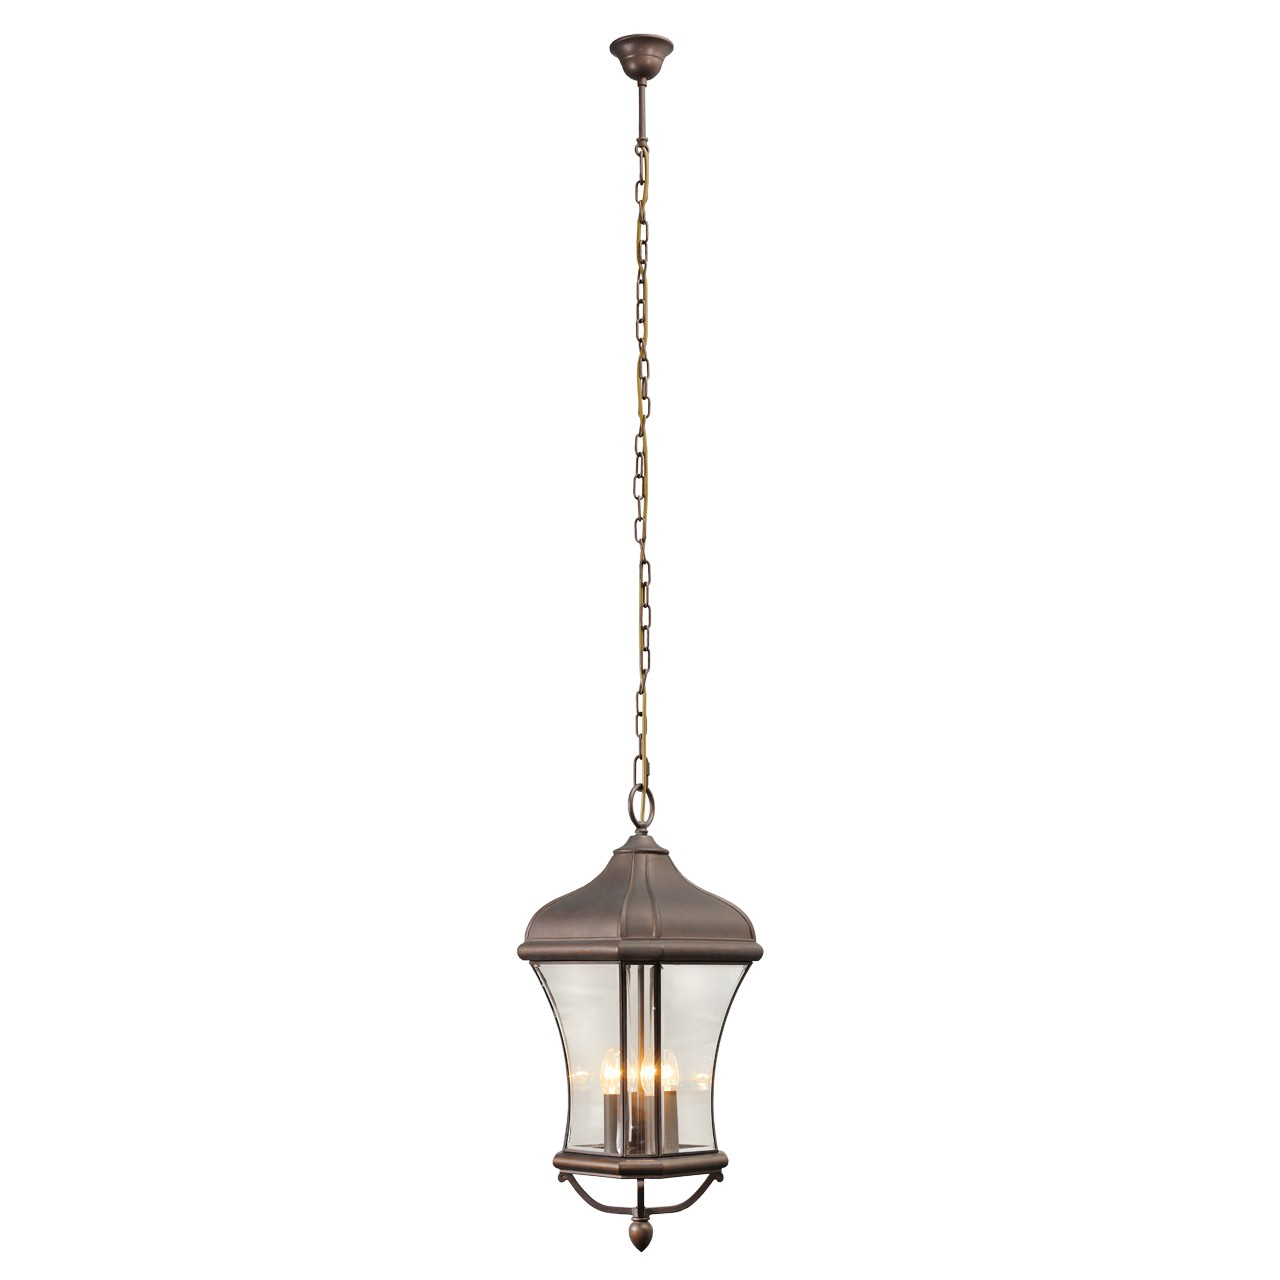 Уличный светильник ШатоУличные подвесные и потолочные светильники<br>&amp;lt;div&amp;gt;Плавные линии изогнутого контура уличного светильника из коллекции Шато подчеркивают романтичность стиля европейских улочек. Изящное металлическое основание кофейного цвета с &amp;amp;nbsp;искусно состаренной фактурной поверхностью, &amp;amp;nbsp;изогнутая форма стёкол &amp;amp;nbsp;с закалённым краем составляют оригинальный дизайн экстерьерного светильника из коллекции Шато.&amp;lt;/div&amp;gt;&amp;lt;div&amp;gt;Металлическое основание &amp;amp;nbsp;цвета кофе с эффектом старения,&amp;amp;nbsp;&amp;lt;/div&amp;gt;&amp;lt;div&amp;gt;искусственный каучук,&amp;lt;/div&amp;gt;&amp;lt;div&amp;gt;&amp;amp;nbsp;плафоны из стекла.&amp;lt;/div&amp;gt;&amp;lt;div&amp;gt;&amp;lt;br&amp;gt;&amp;lt;/div&amp;gt;&amp;lt;div&amp;gt;Мощность 4*40W&amp;amp;nbsp;&amp;lt;/div&amp;gt;&amp;lt;div&amp;gt;&amp;lt;span style=&amp;quot;line-height: 24.9999px;&amp;quot;&amp;gt;Цоколь&amp;amp;nbsp;&amp;lt;/span&amp;gt;&amp;lt;span style=&amp;quot;line-height: 1.78571;&amp;quot;&amp;gt;E14&amp;lt;/span&amp;gt;&amp;lt;/div&amp;gt;<br><br>Material: Металл<br>Высота см: 160